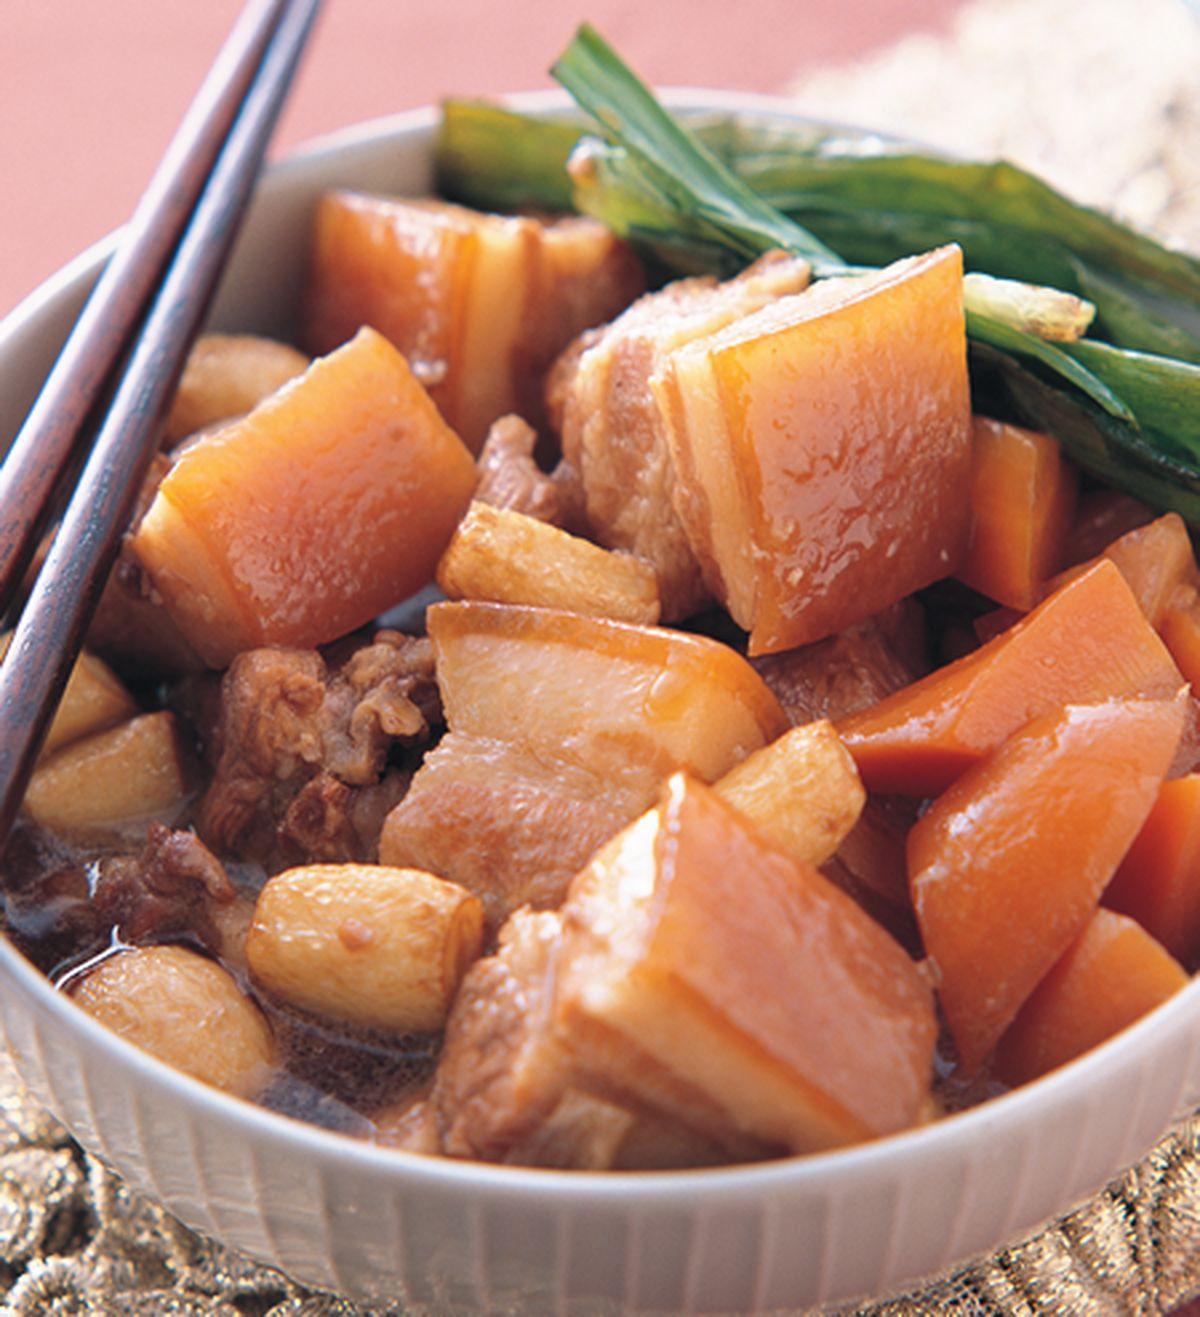 食譜:紅蘿蔔燒肉